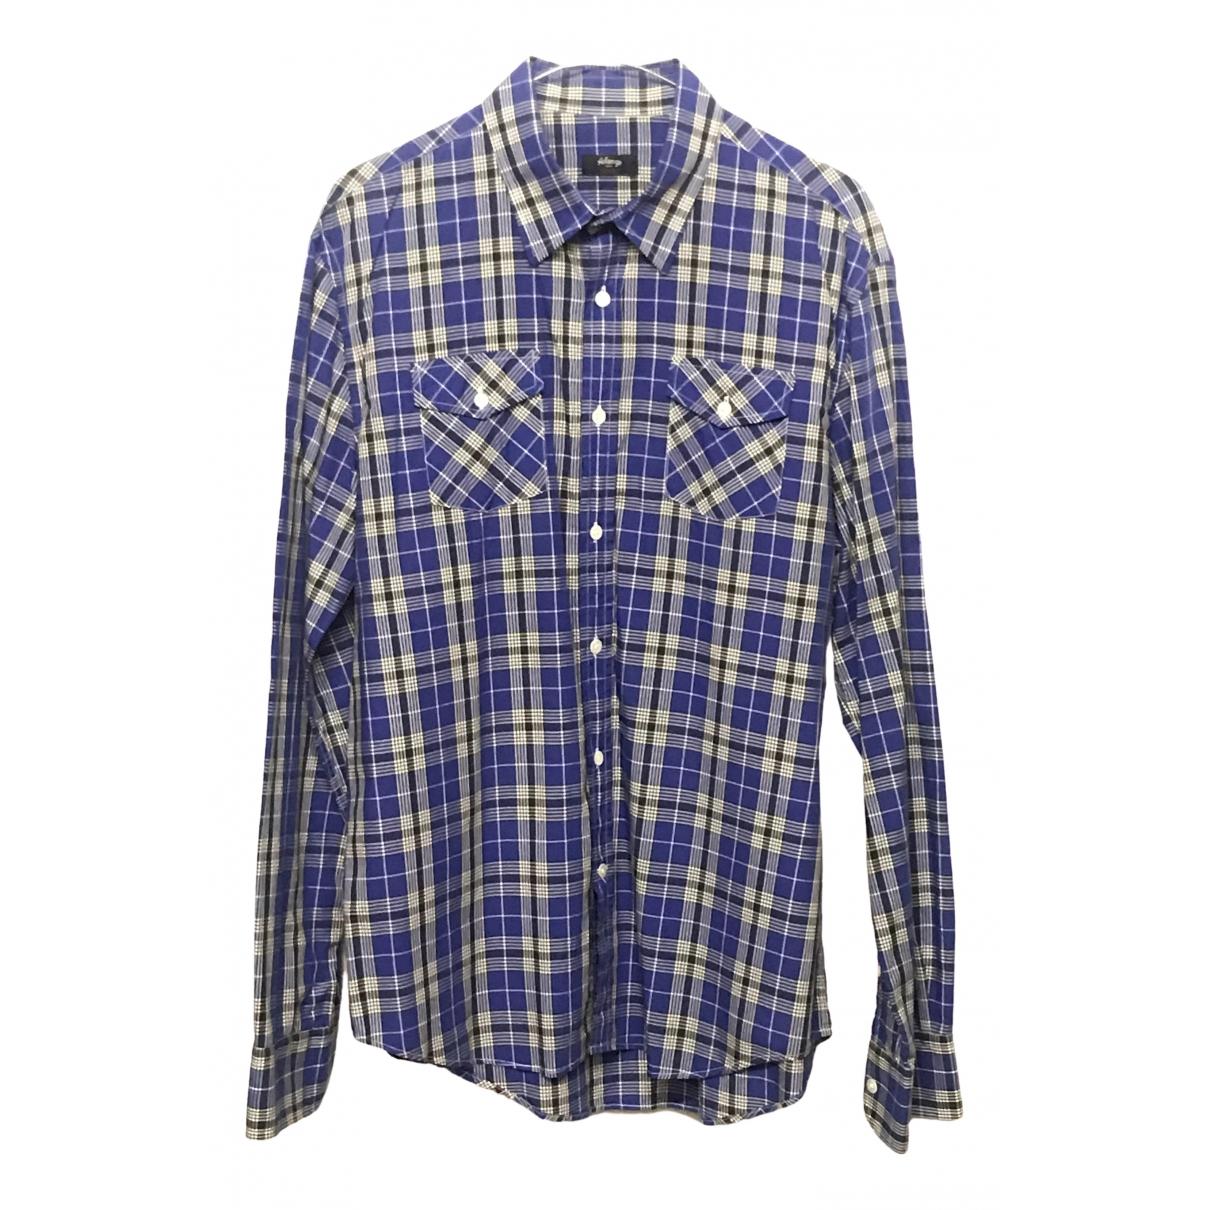 Arfango - Chemises   pour homme en coton - multicolore